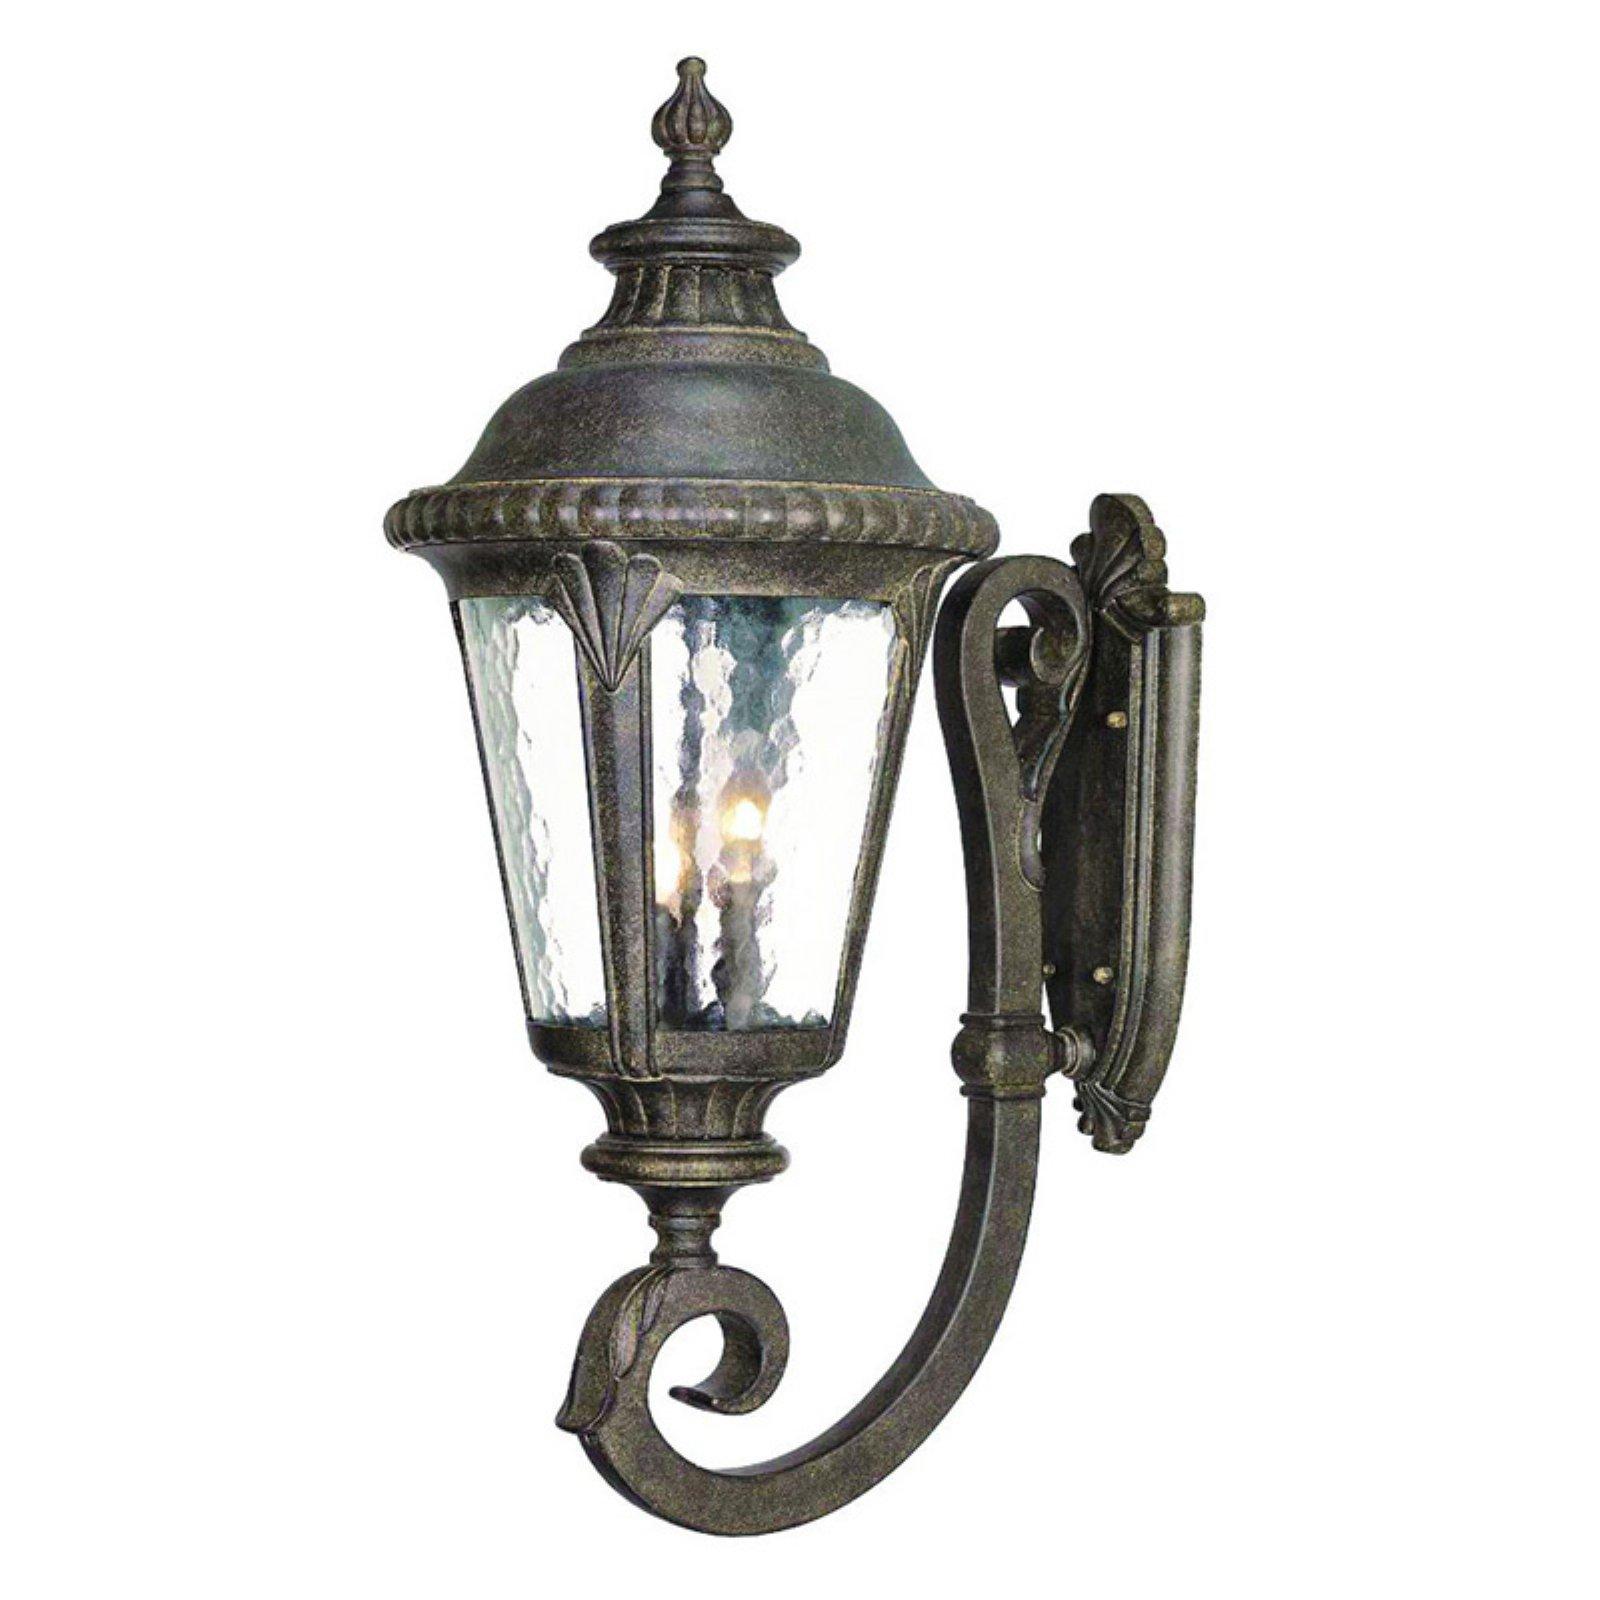 Acclaim Lighting Surrey 12 in. Outdoor Wall Mount Light Fixture